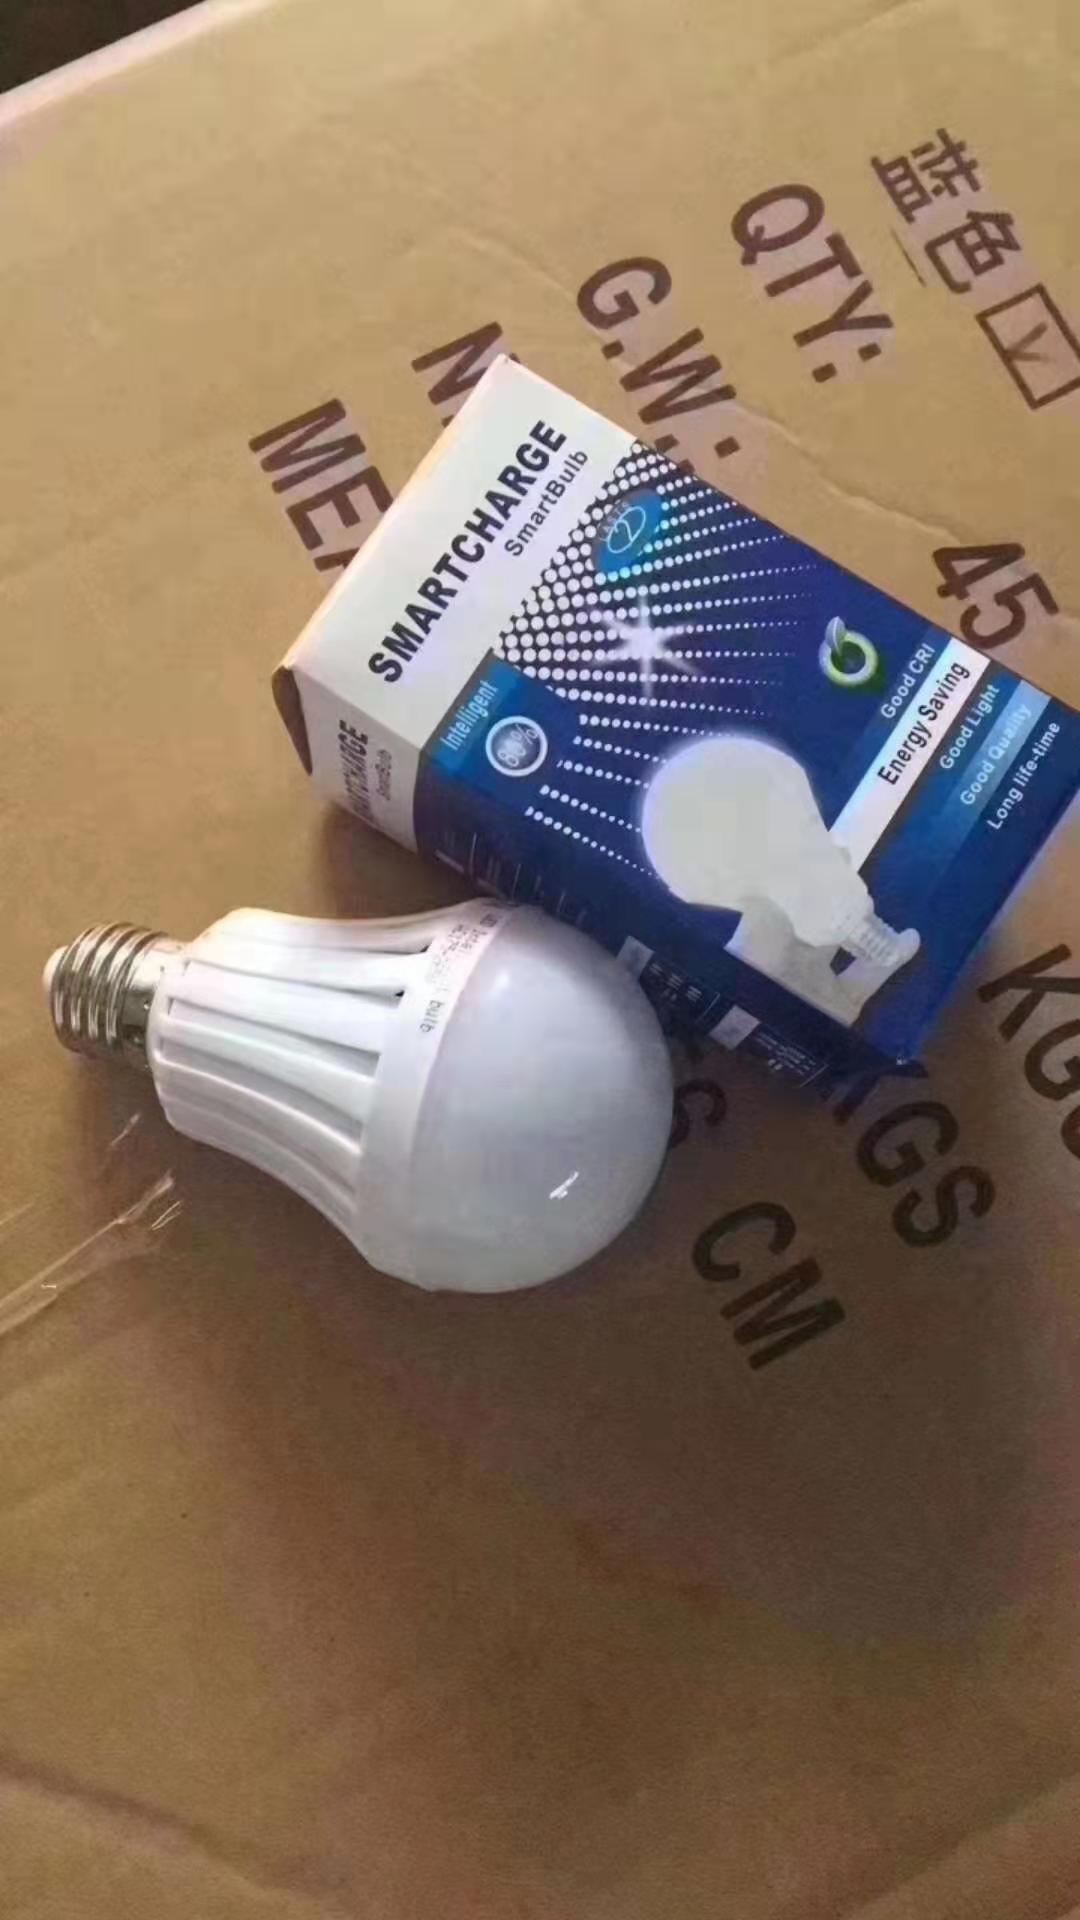 Led智能感应灯 水杯灯 遇水就亮灯泡 魔术多用球泡灯应急感应灯一手货源